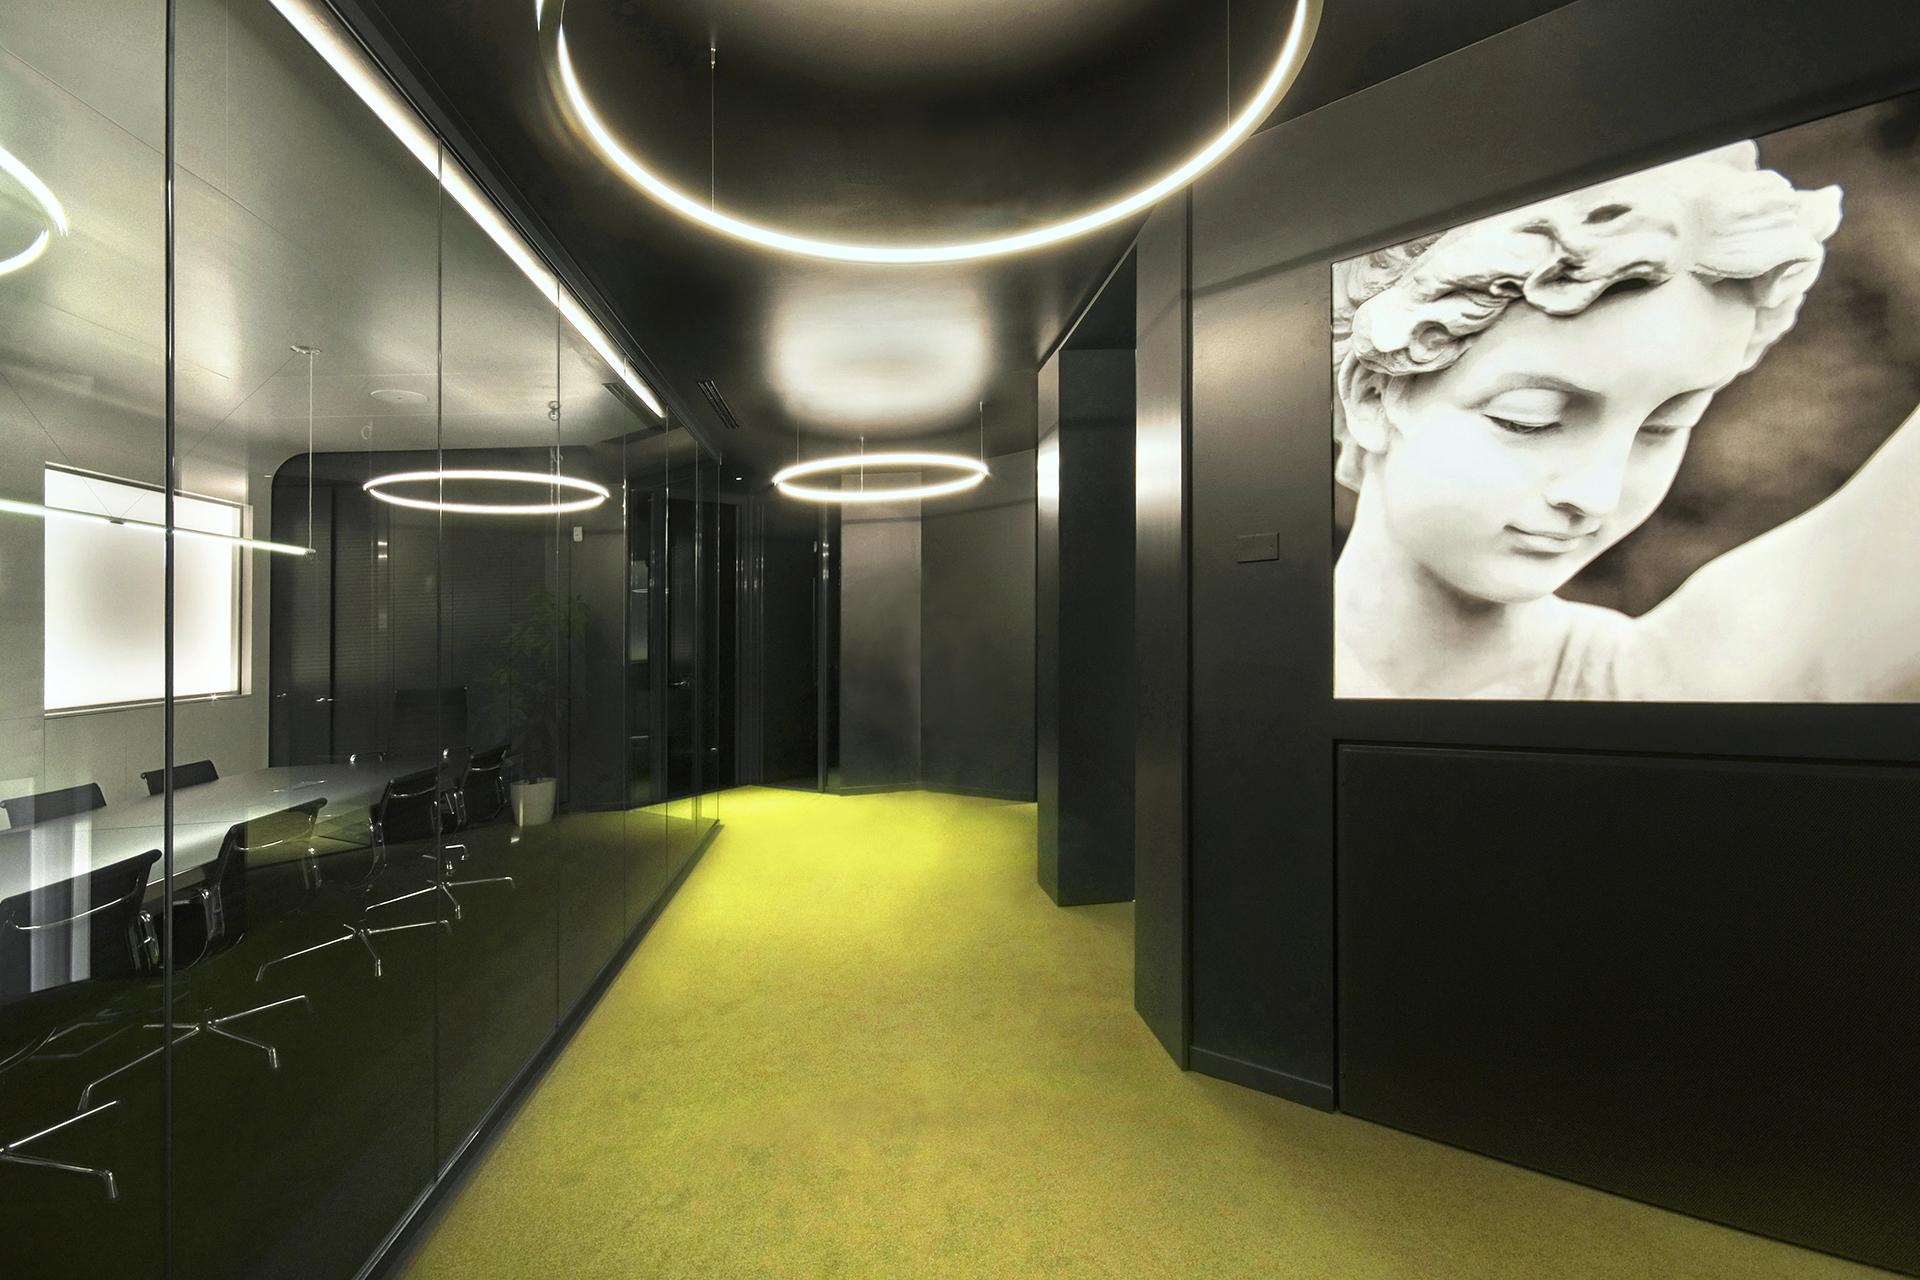 disimpegno uffici direzionali Beauty Experience